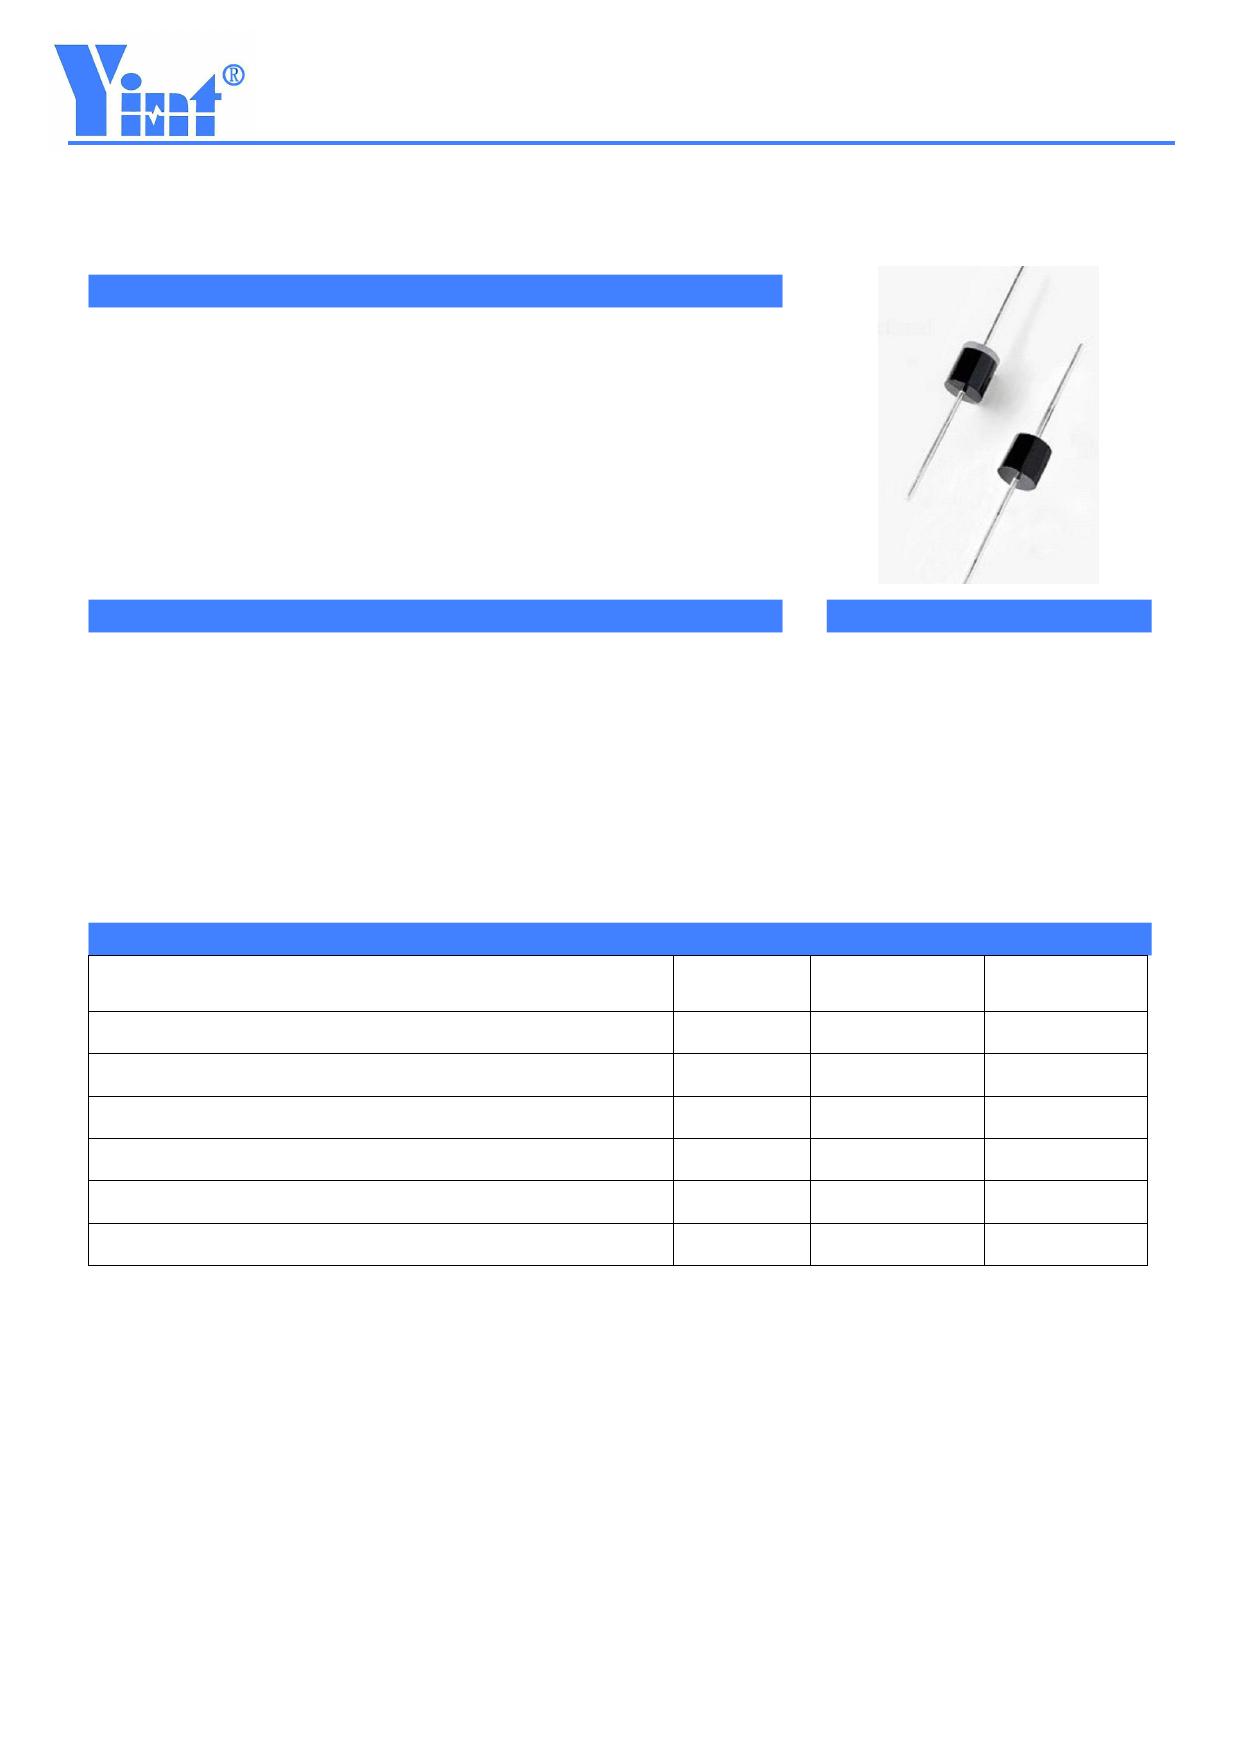 3.0KP24CA datasheet